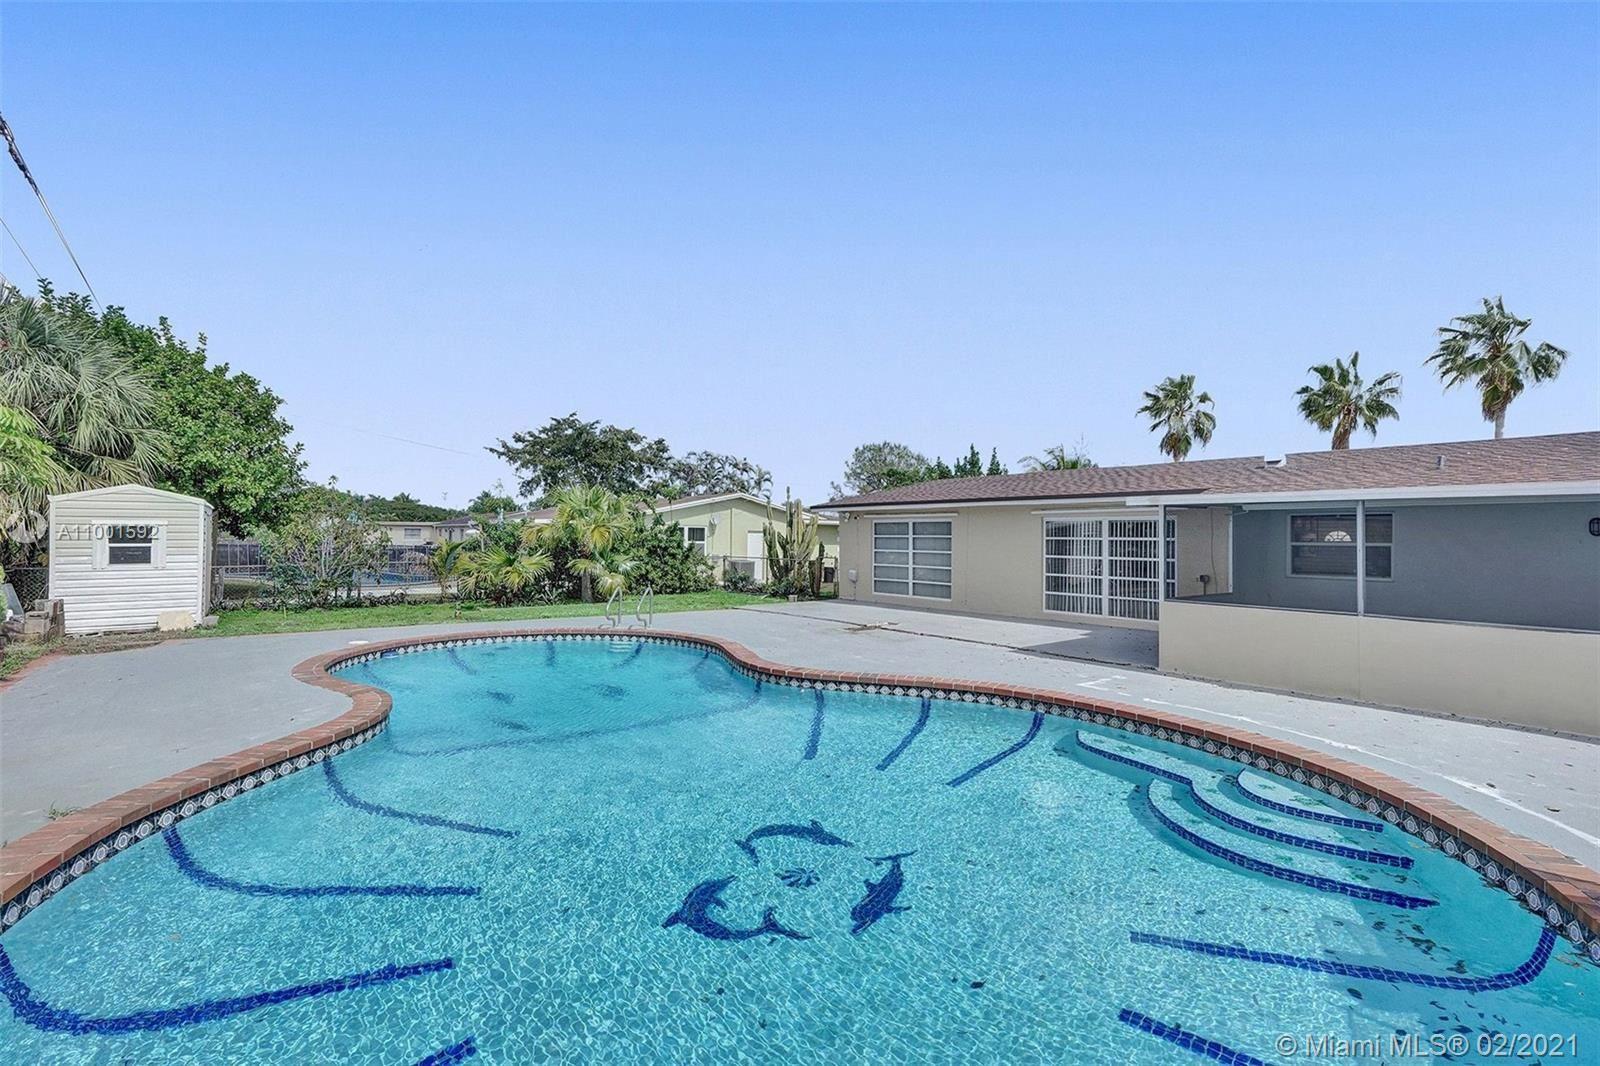 Photo of 321 Kathy Ln, Margate, FL 33068 (MLS # A11001592)